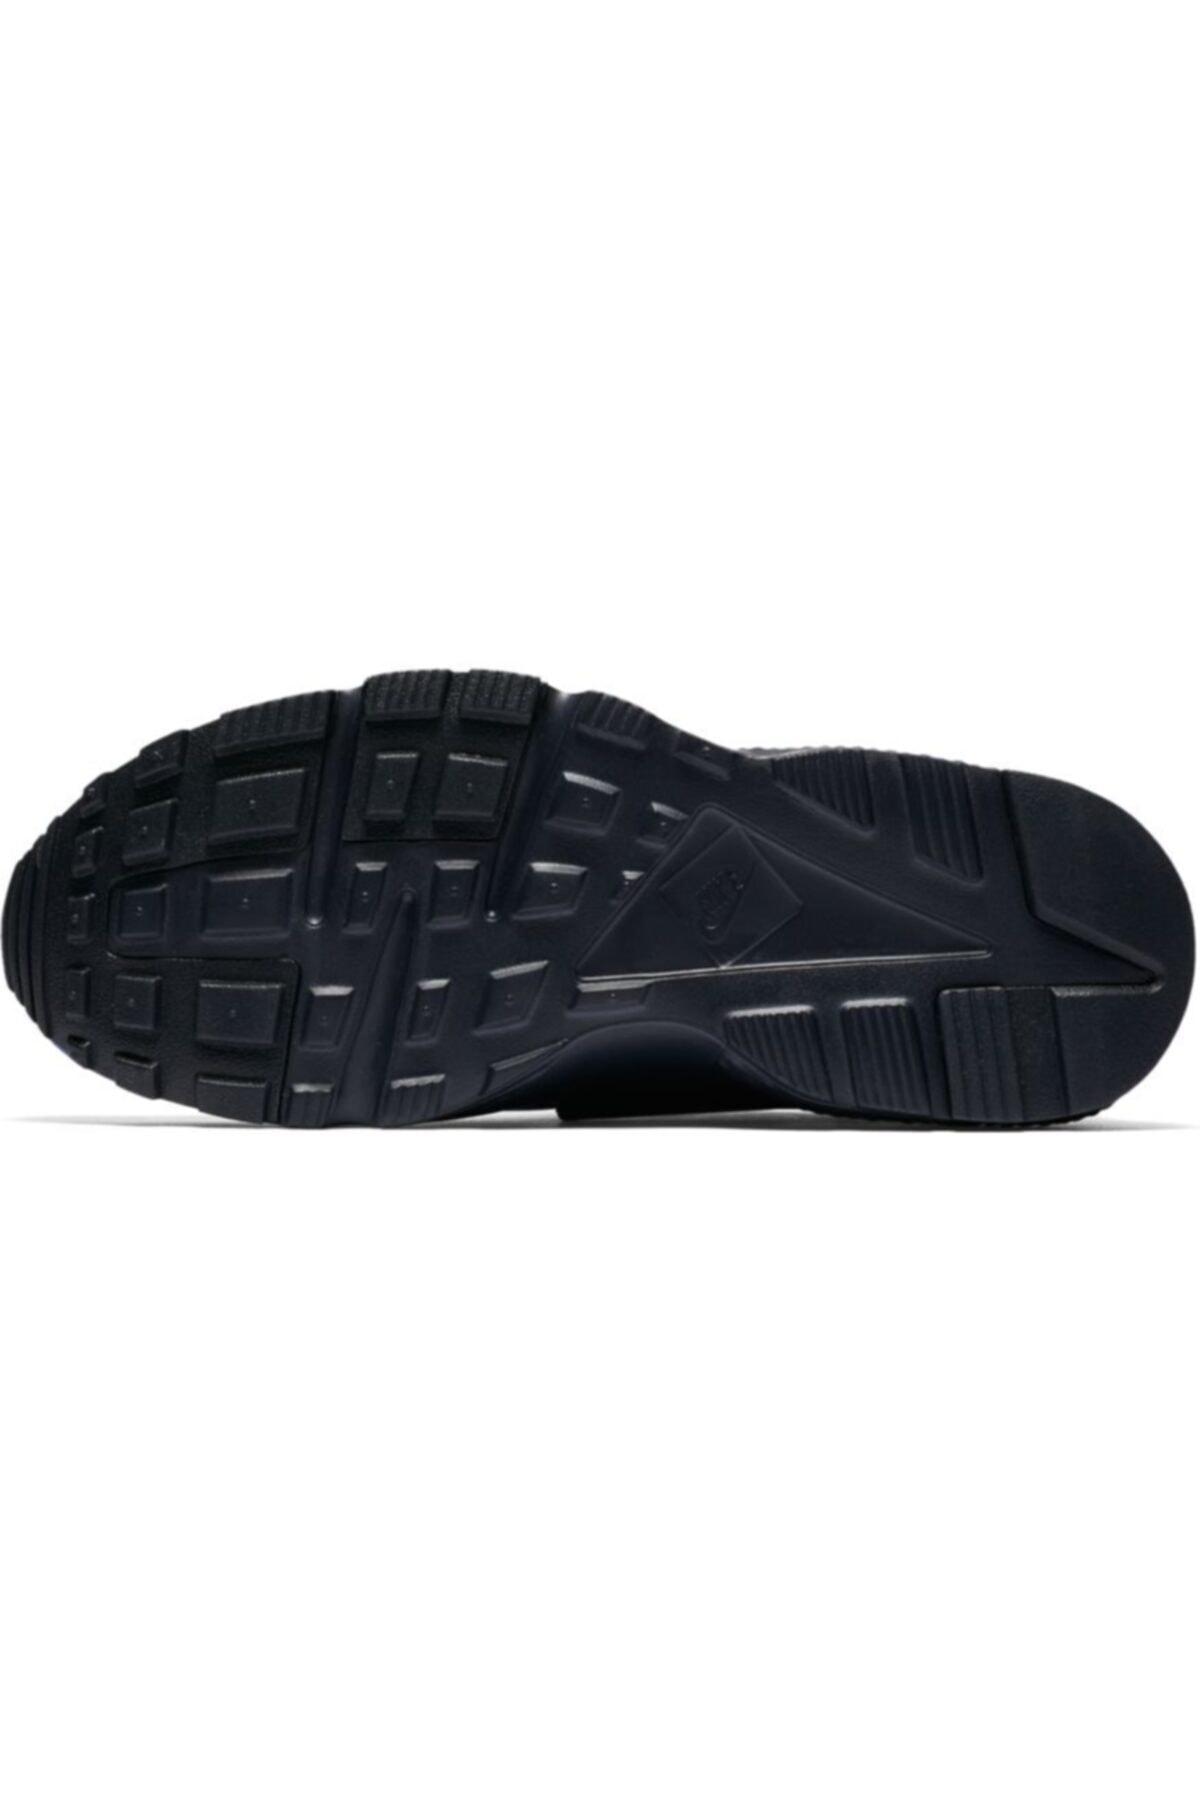 Nike Kadın Lacivert Huarache Run Spor Ayakkabı 654275-412 2